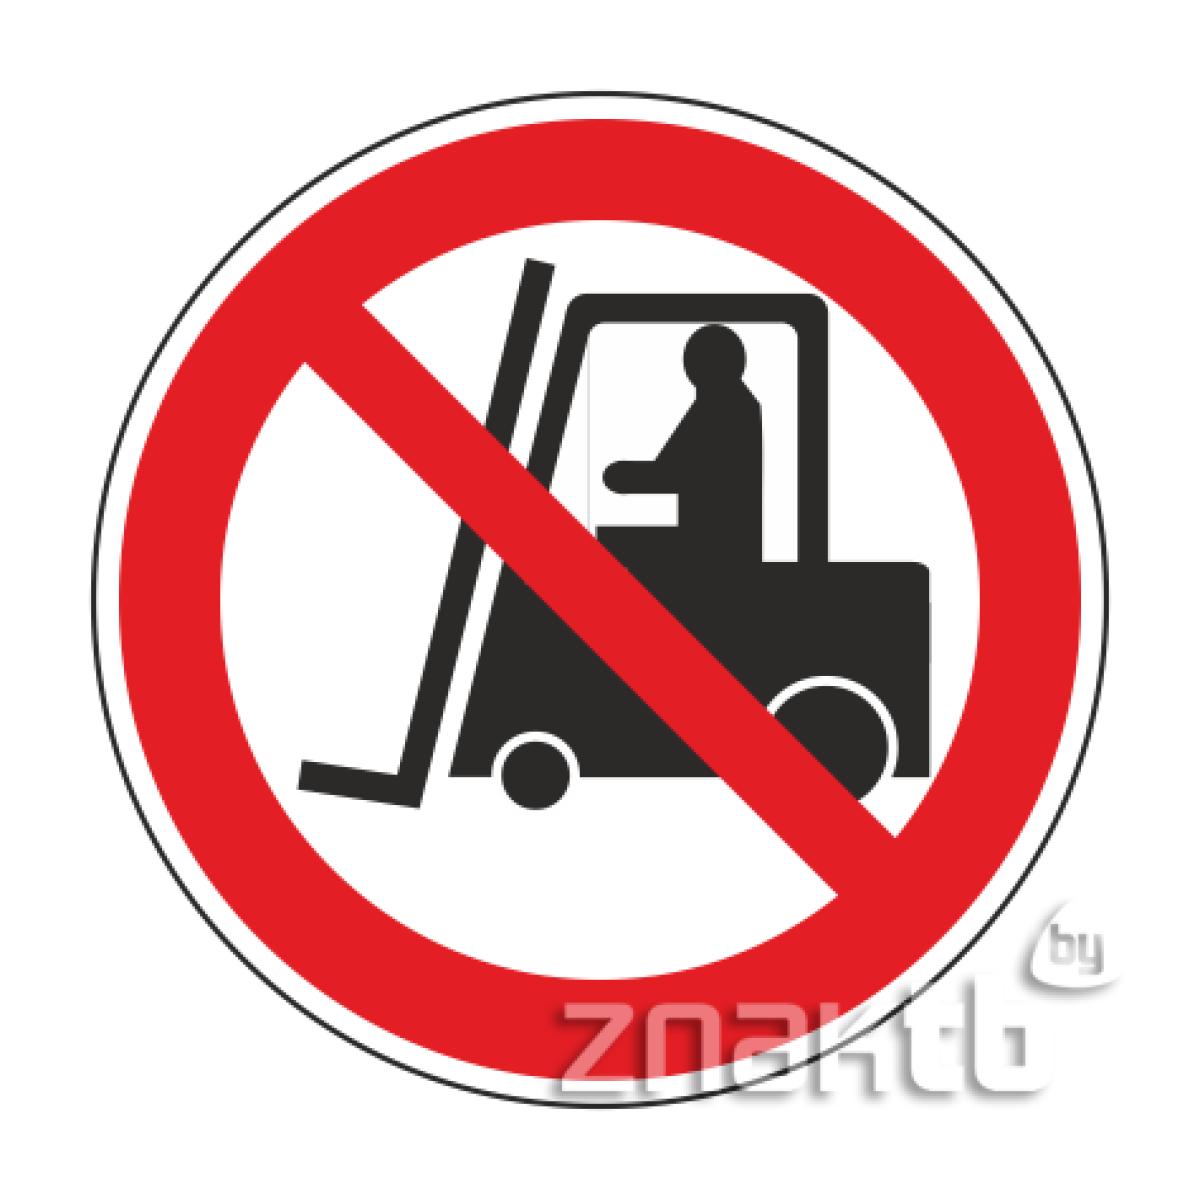 Знак Запрещается движение средств напольного транспорта код Р07